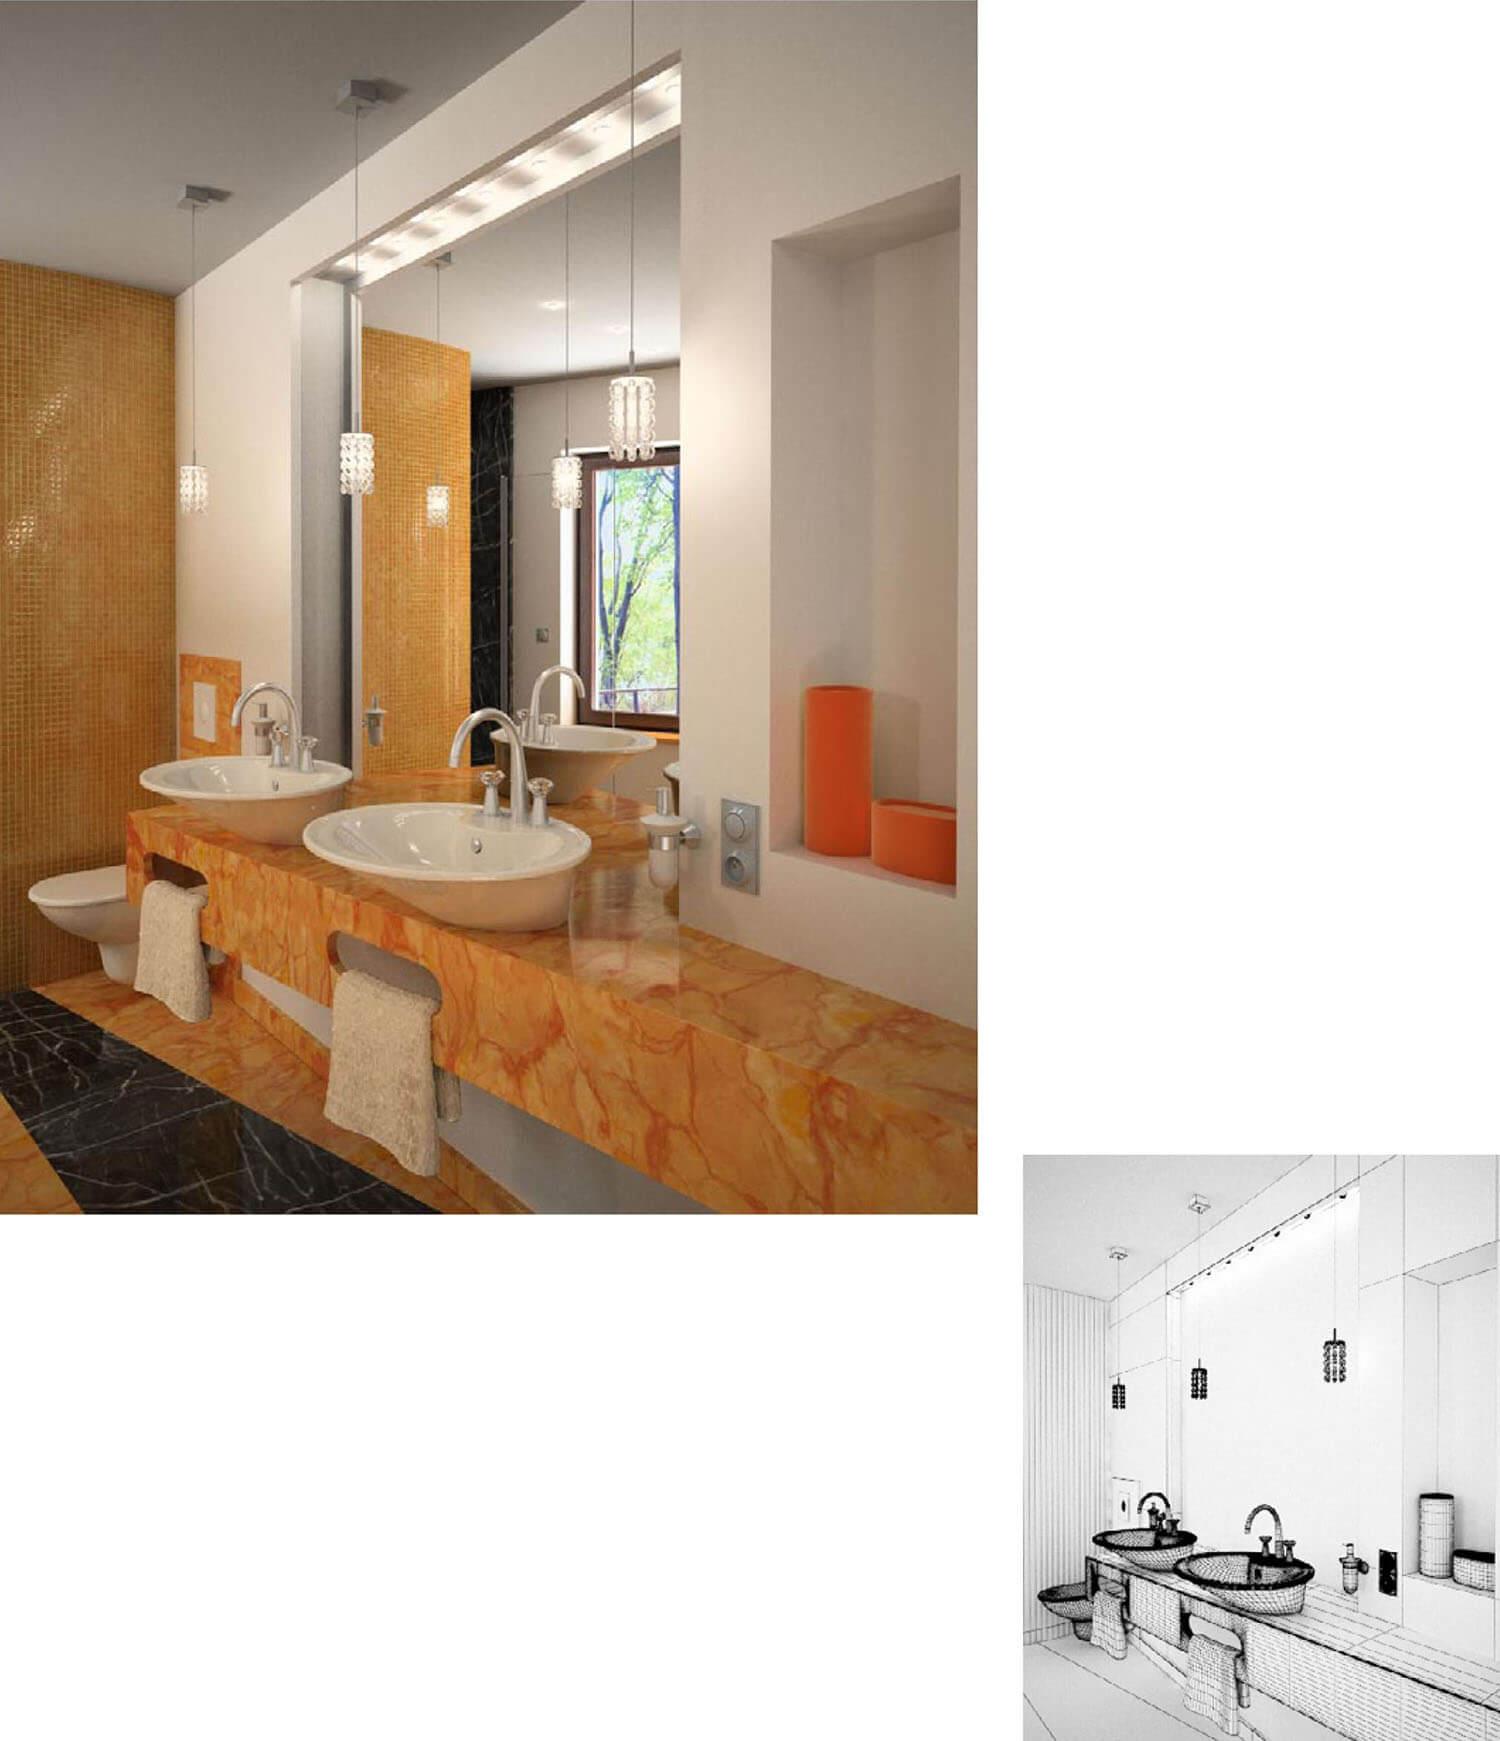 Mẫu phòng tắm trang trí với gạch men màu cam